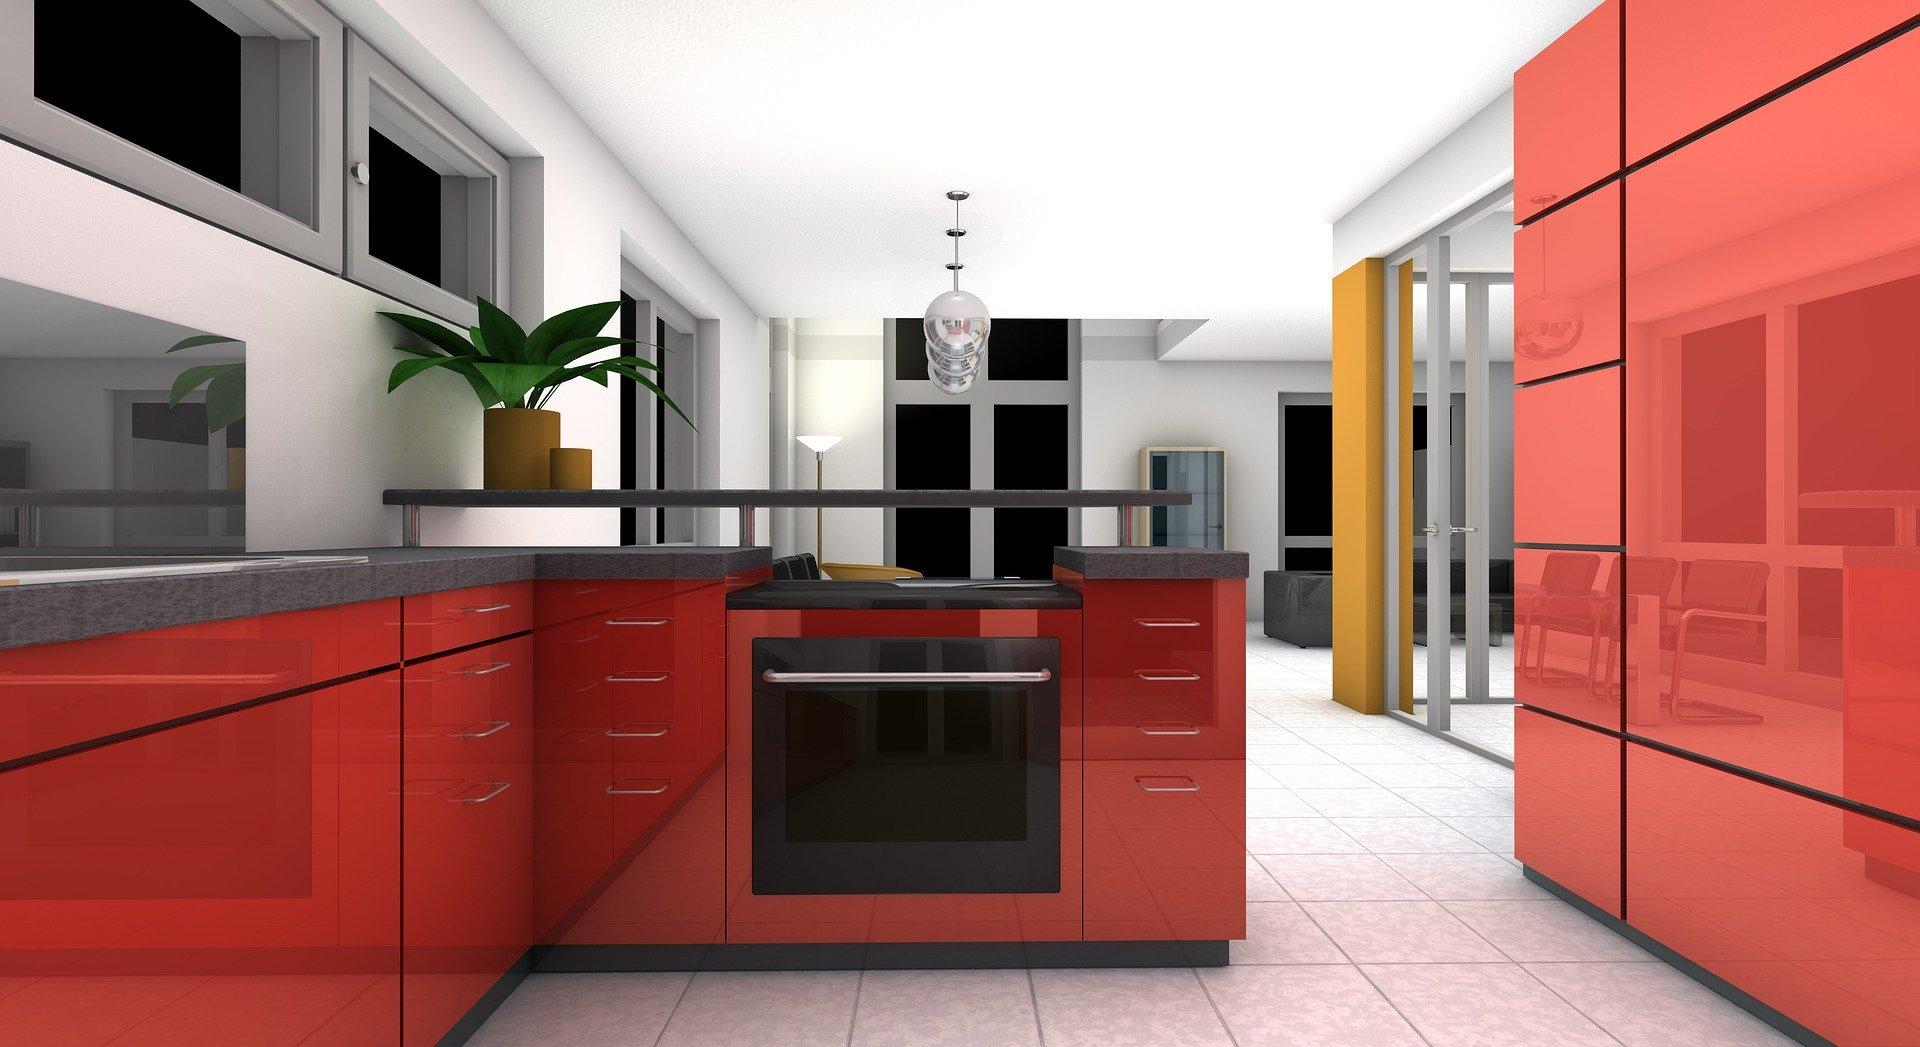 Ali iščete kakovosten kuhinjski pulti širine 90 cm?